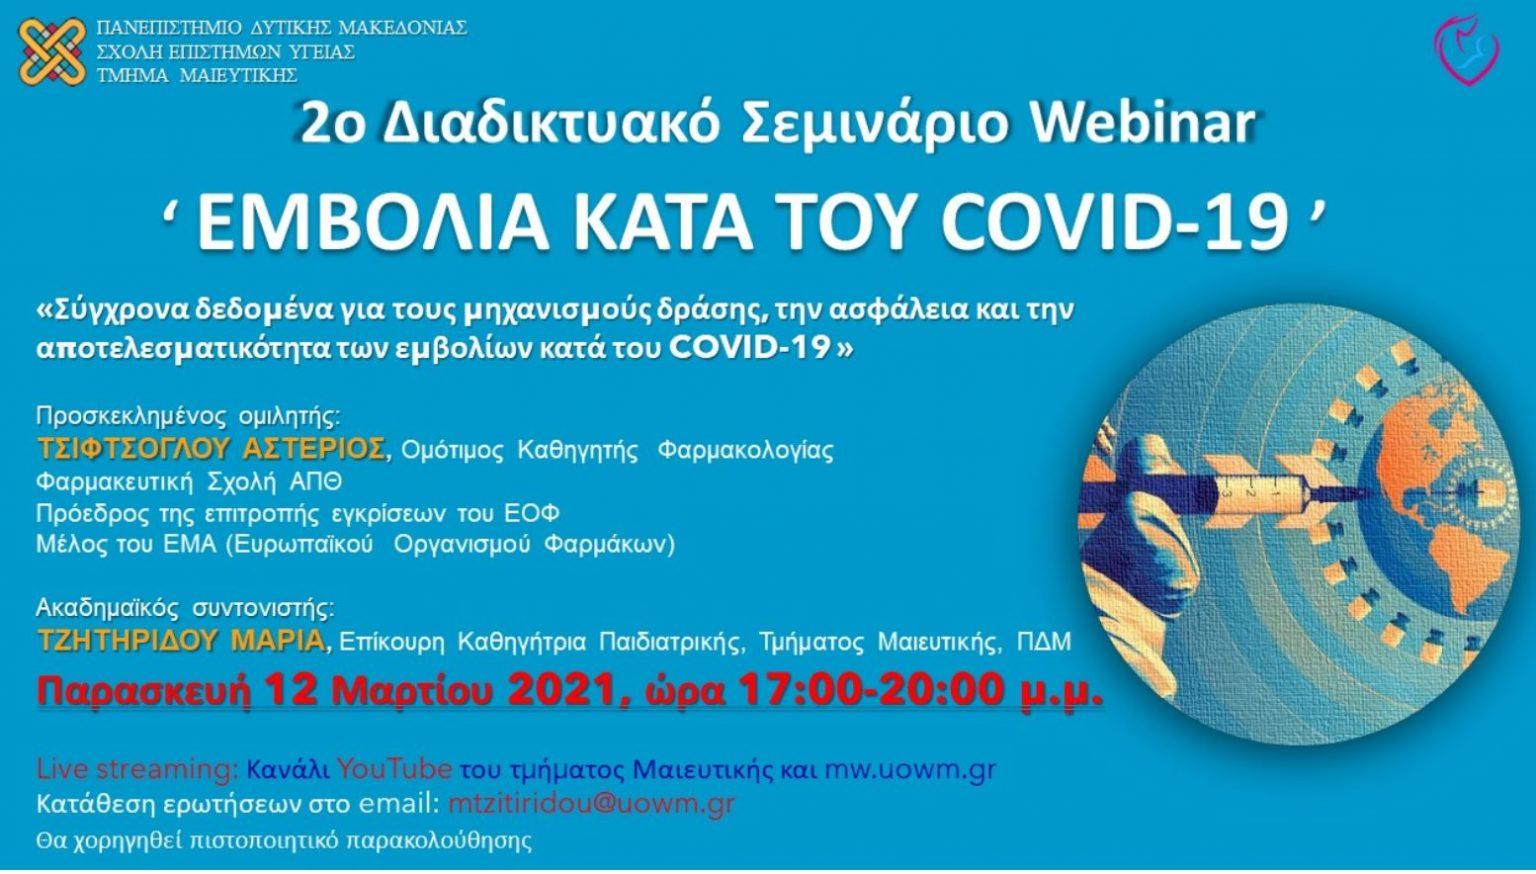 Τμήμα Μαιευτικής του Πανεπιστημίου Δυτικής Μακεδονίας: 2ο Διαδικτυακό σεμινάριο με τίτλο «Εμβόλια κατά του COVID-19»